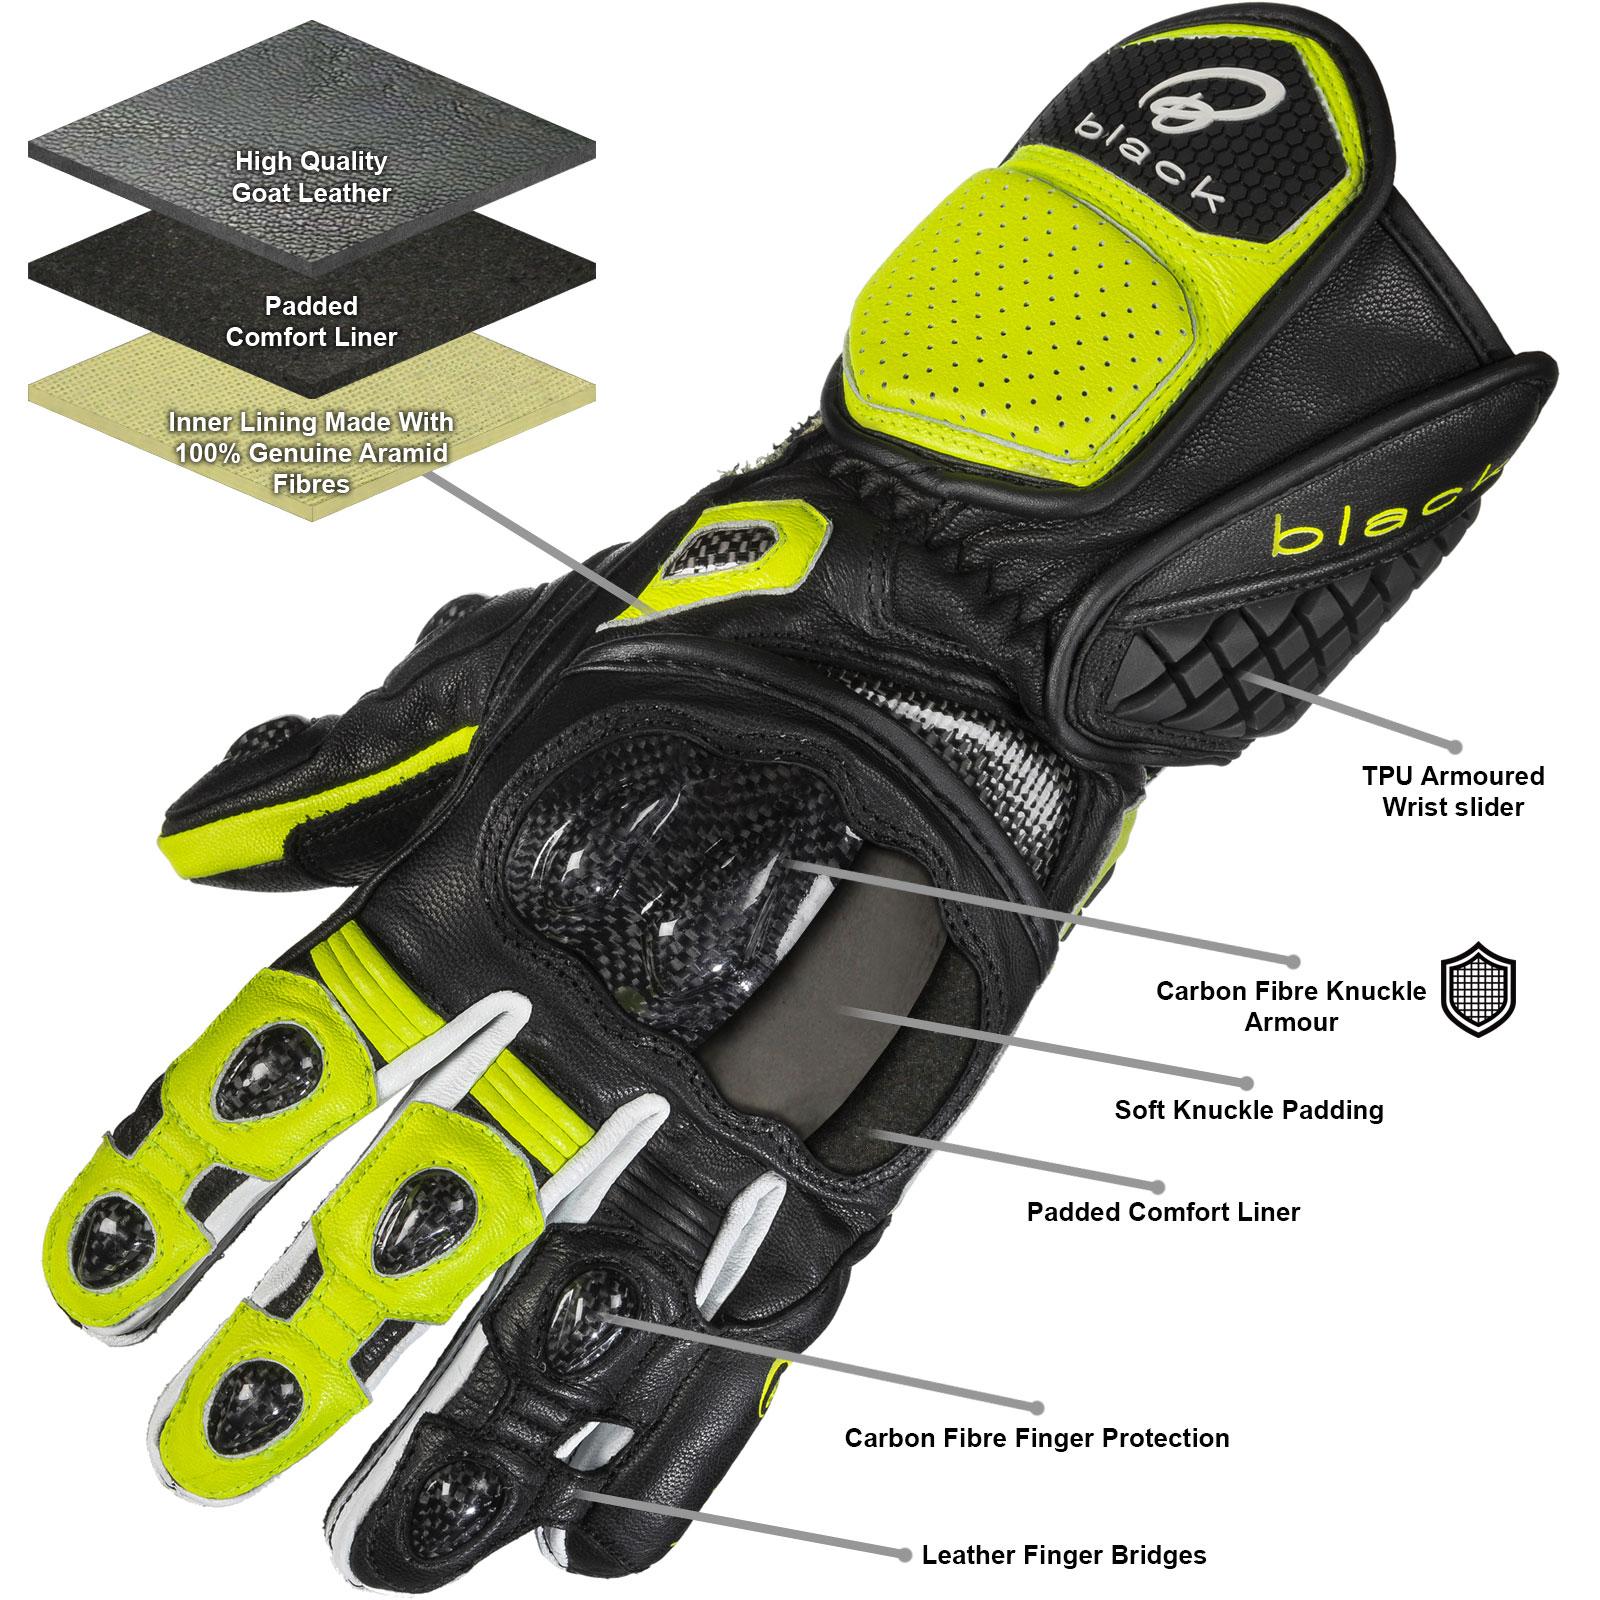 Black Raptor 390 Gloves